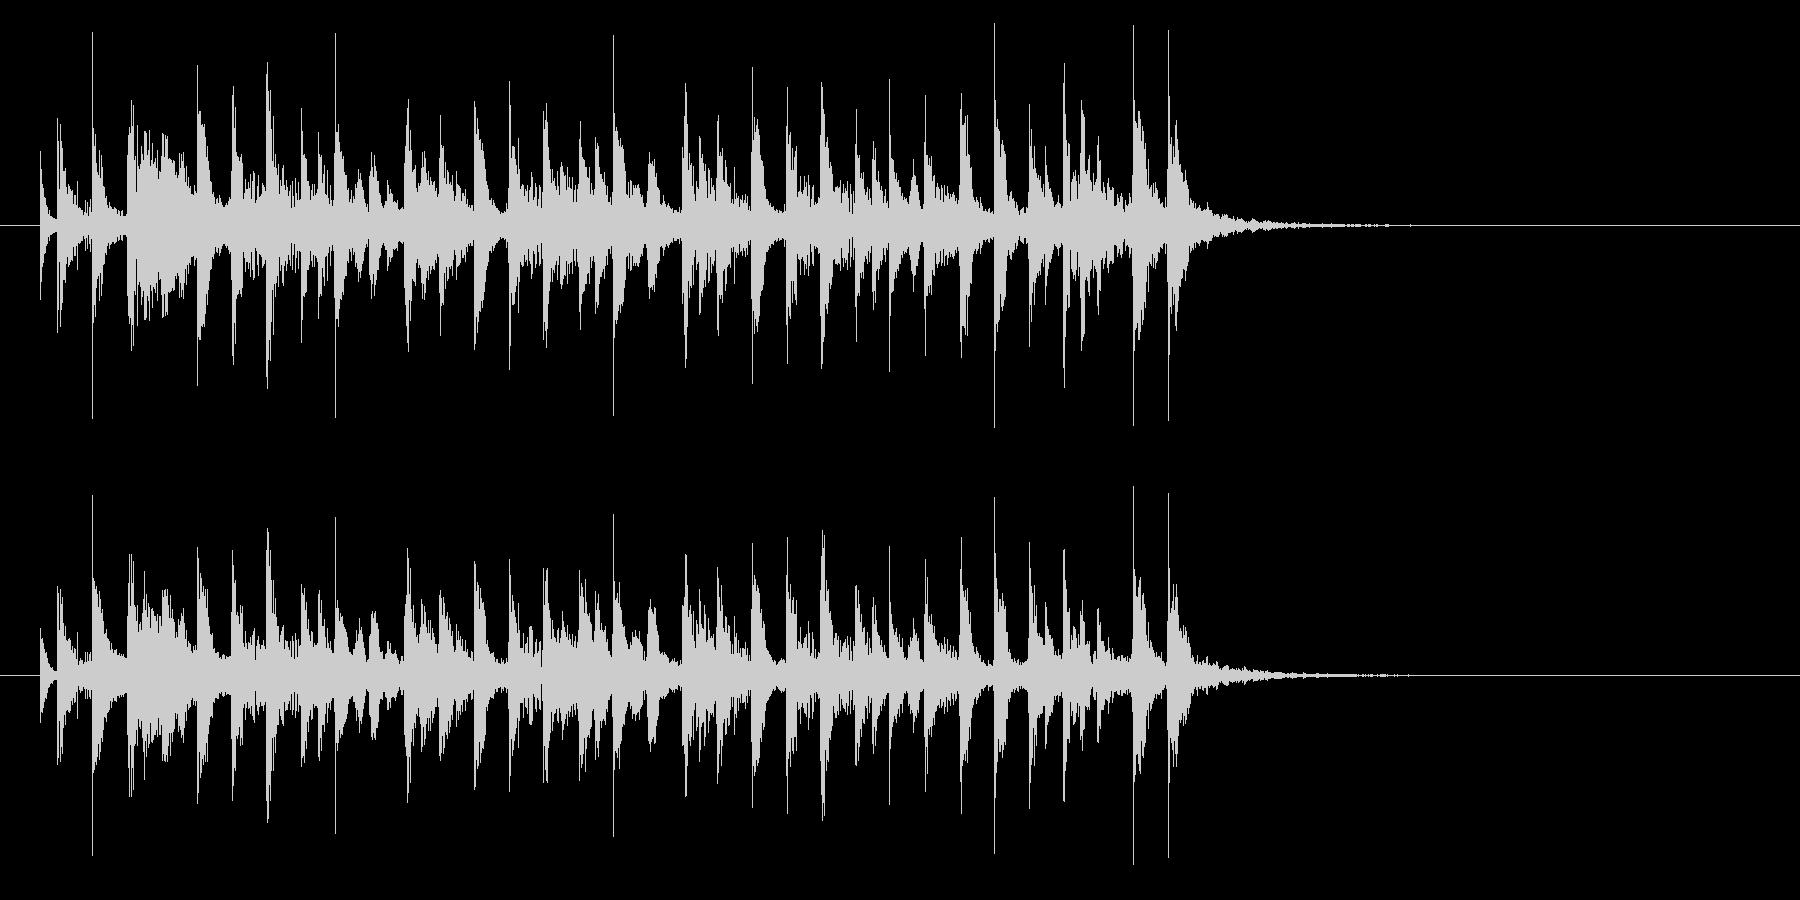 軽快で穏やかなシンセポップジングルの未再生の波形